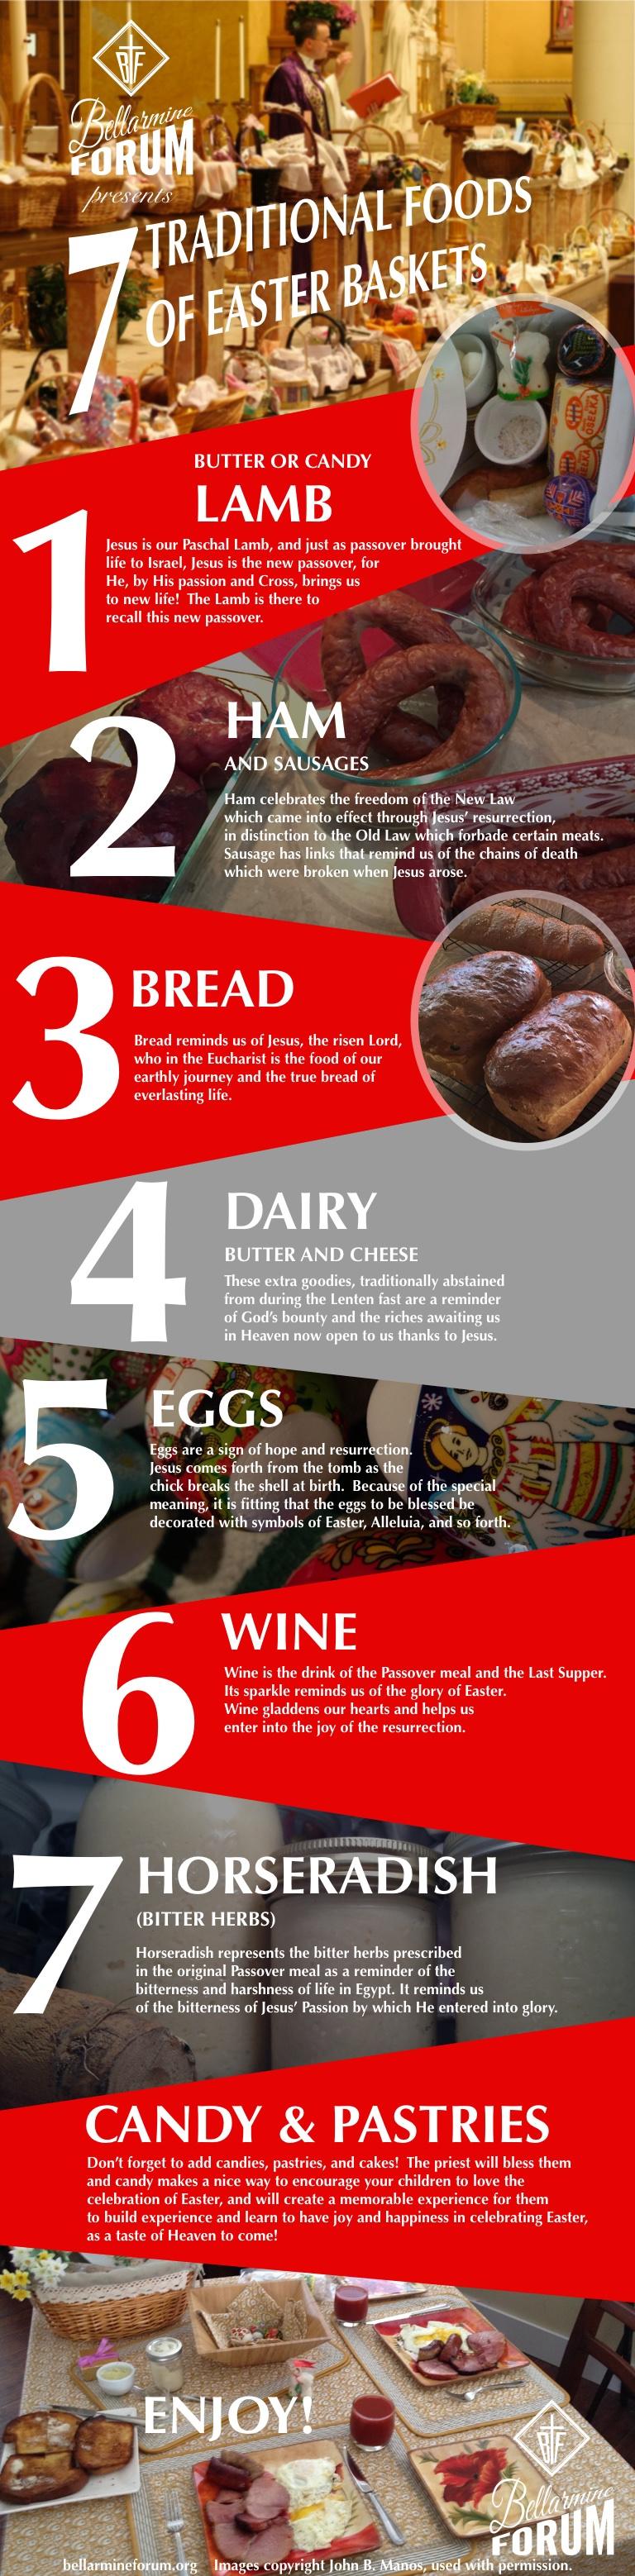 BF 7 foods of easter basket copy